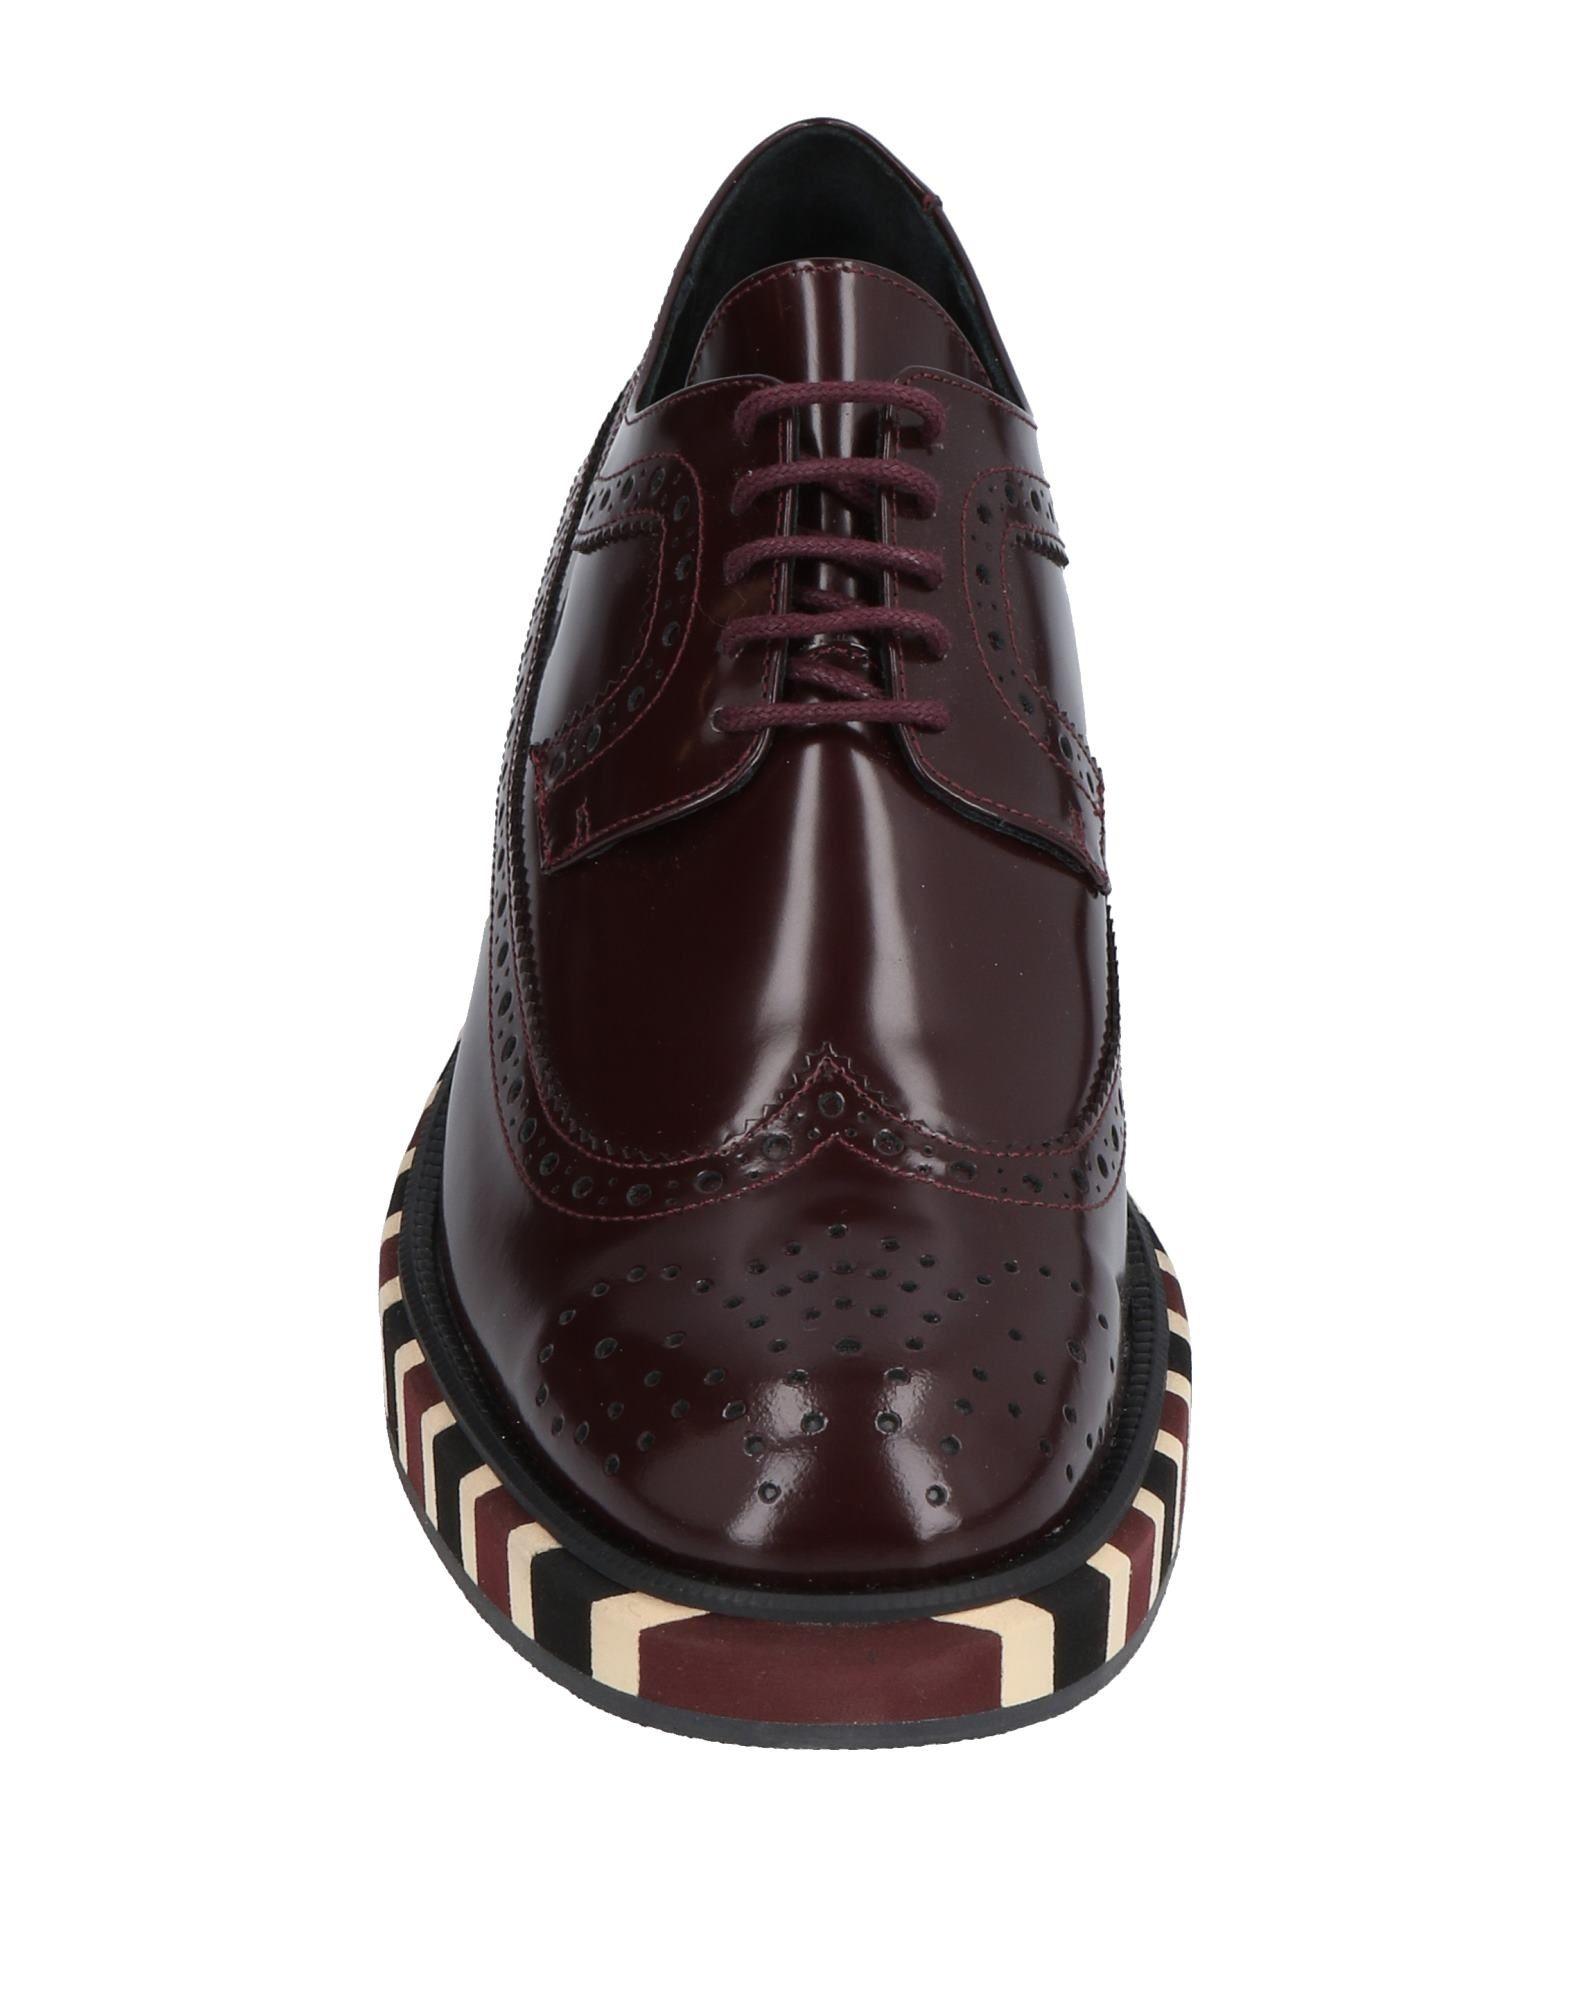 Gut um billige Schuhe Damen zu tragenPaloma Barceló Schnürschuhe Damen Schuhe  11475677CA 0ff4c0